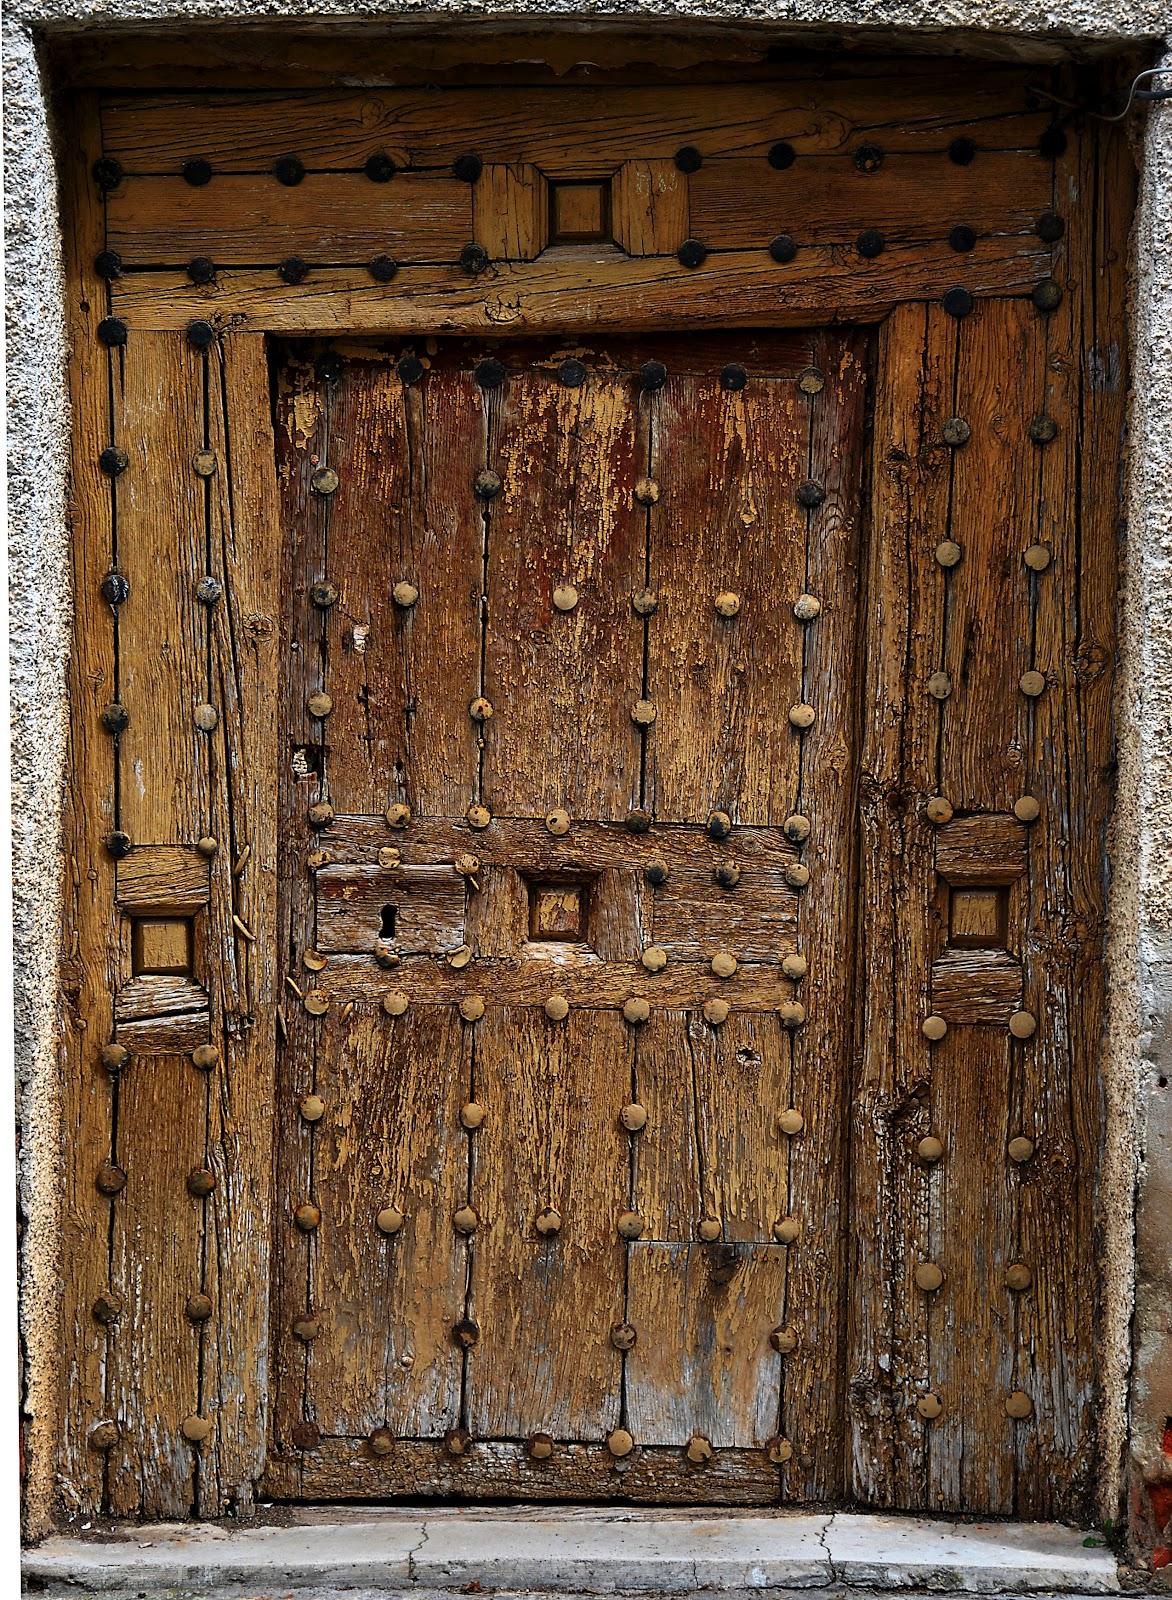 El oriente express marzo 2013 for Puertas viejas